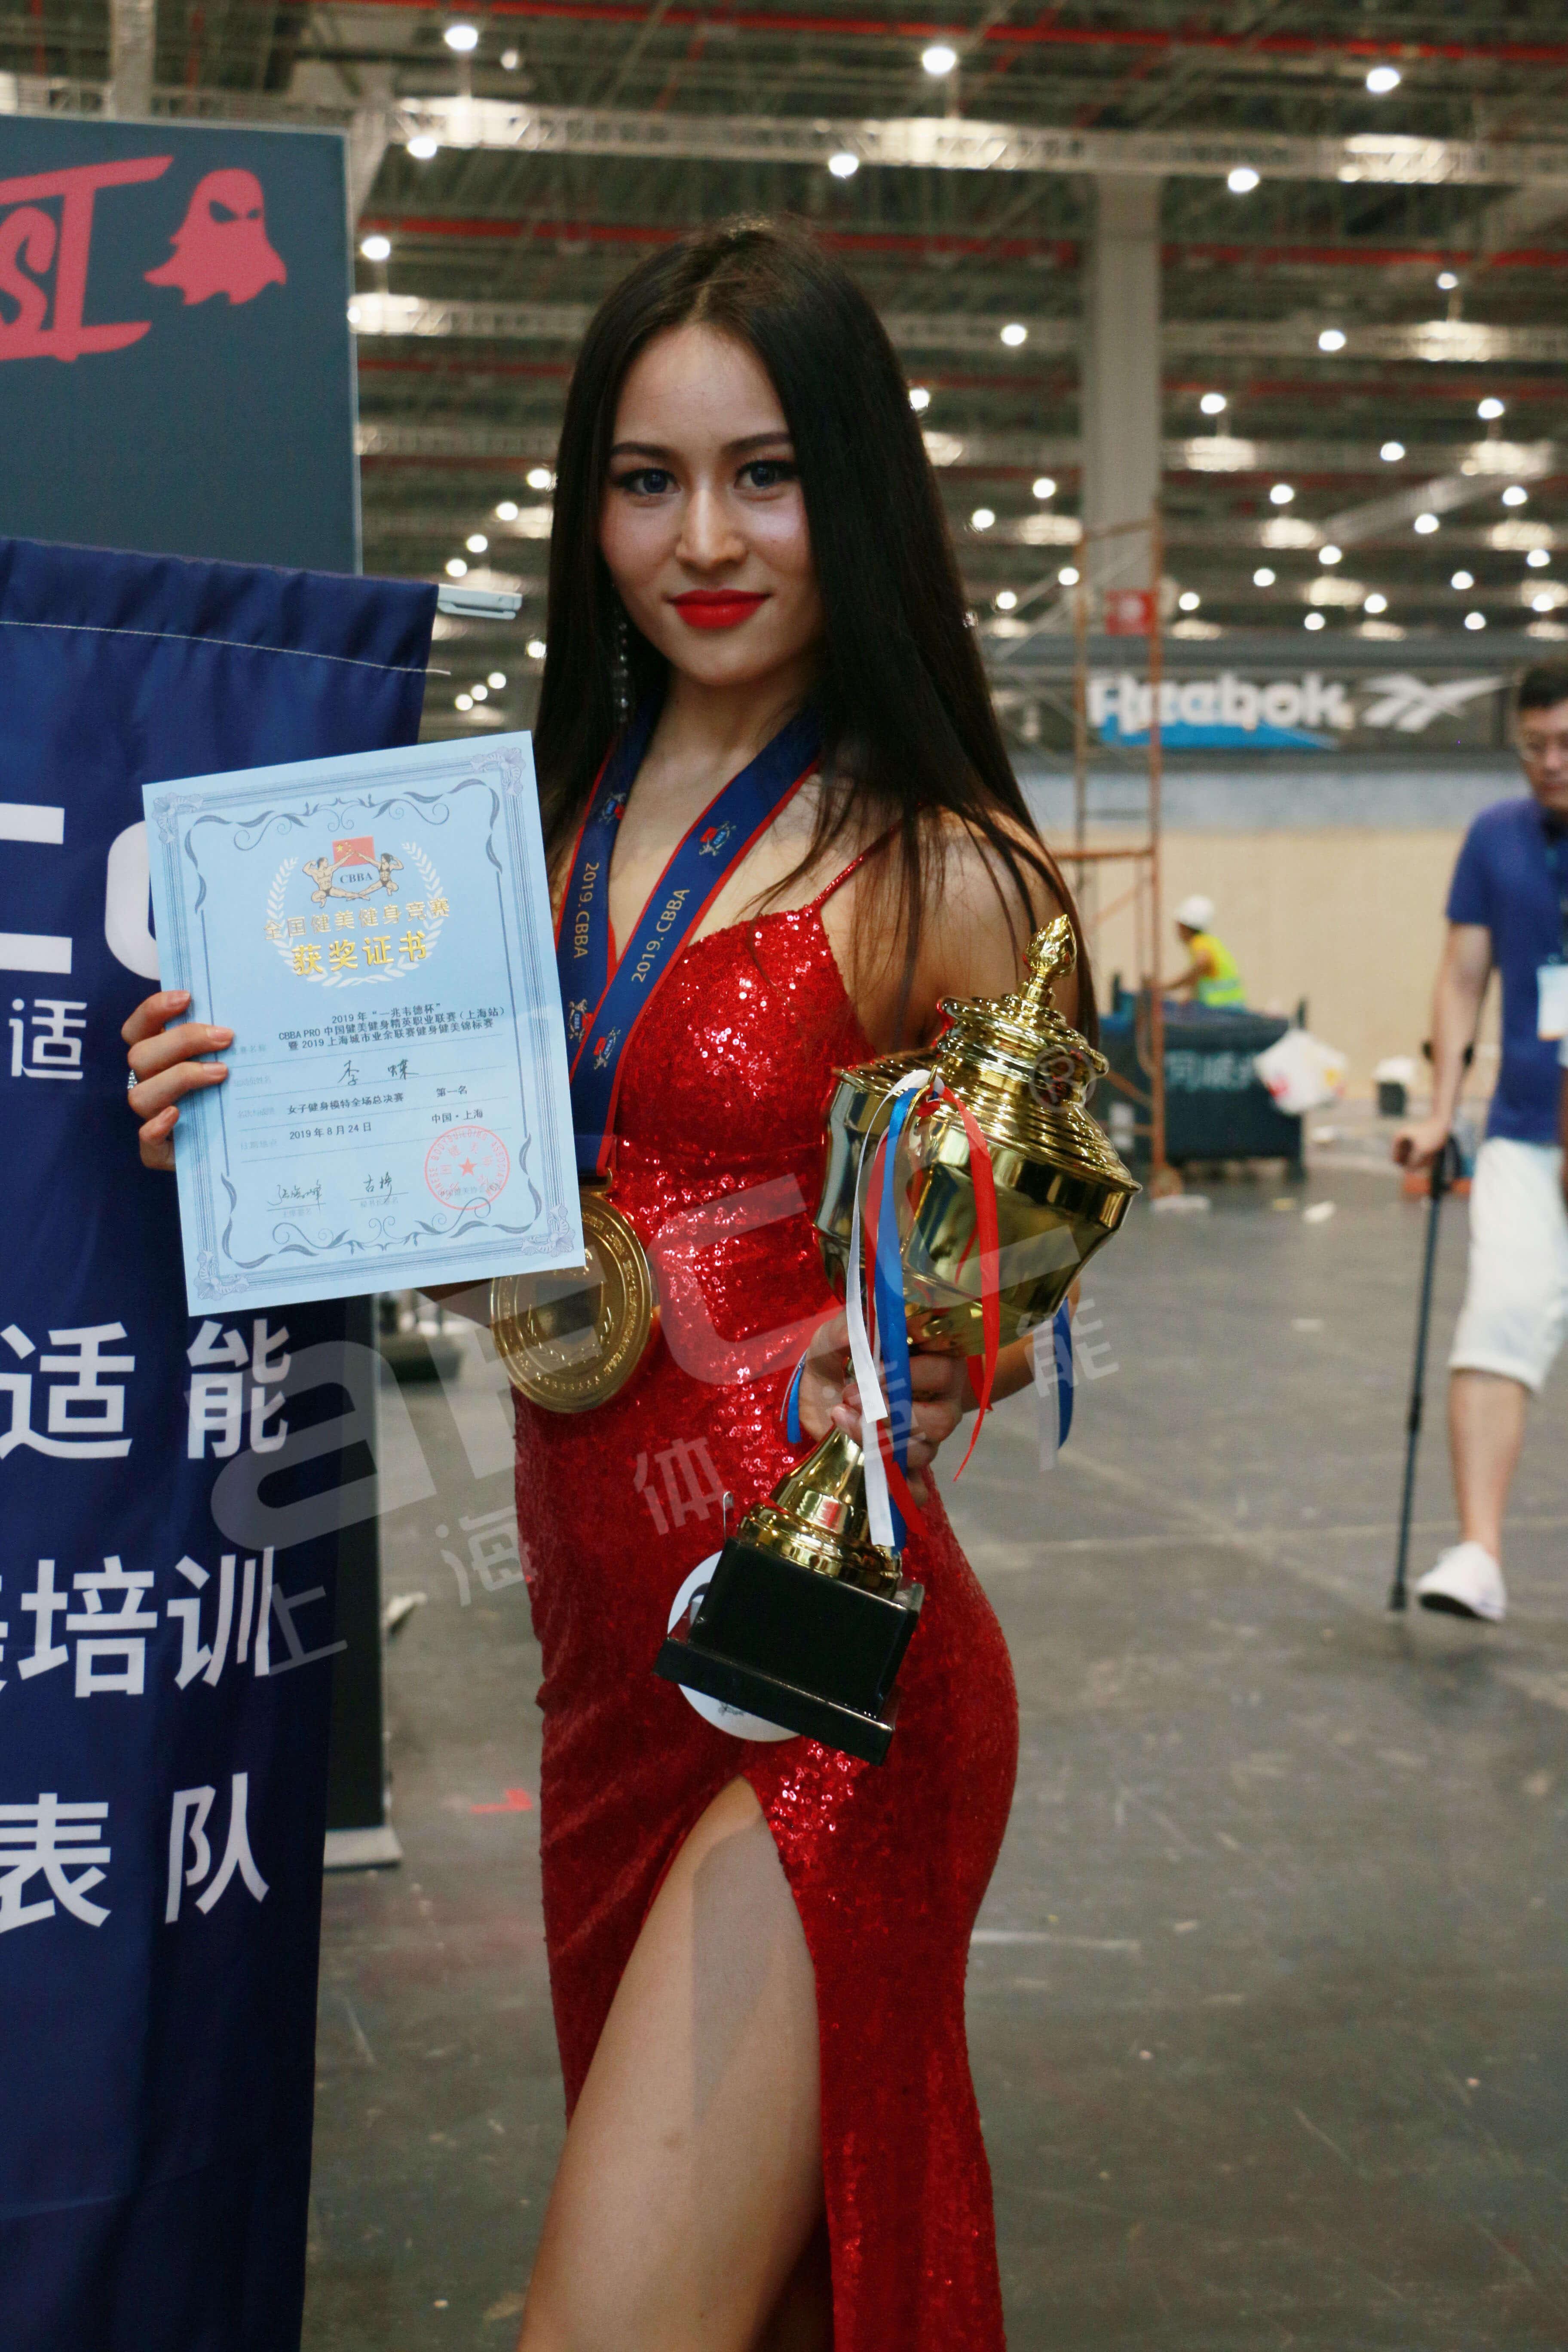 上海健身健美协会体适能健身学院代表队——李蝶女子健身模特公开组 冠军